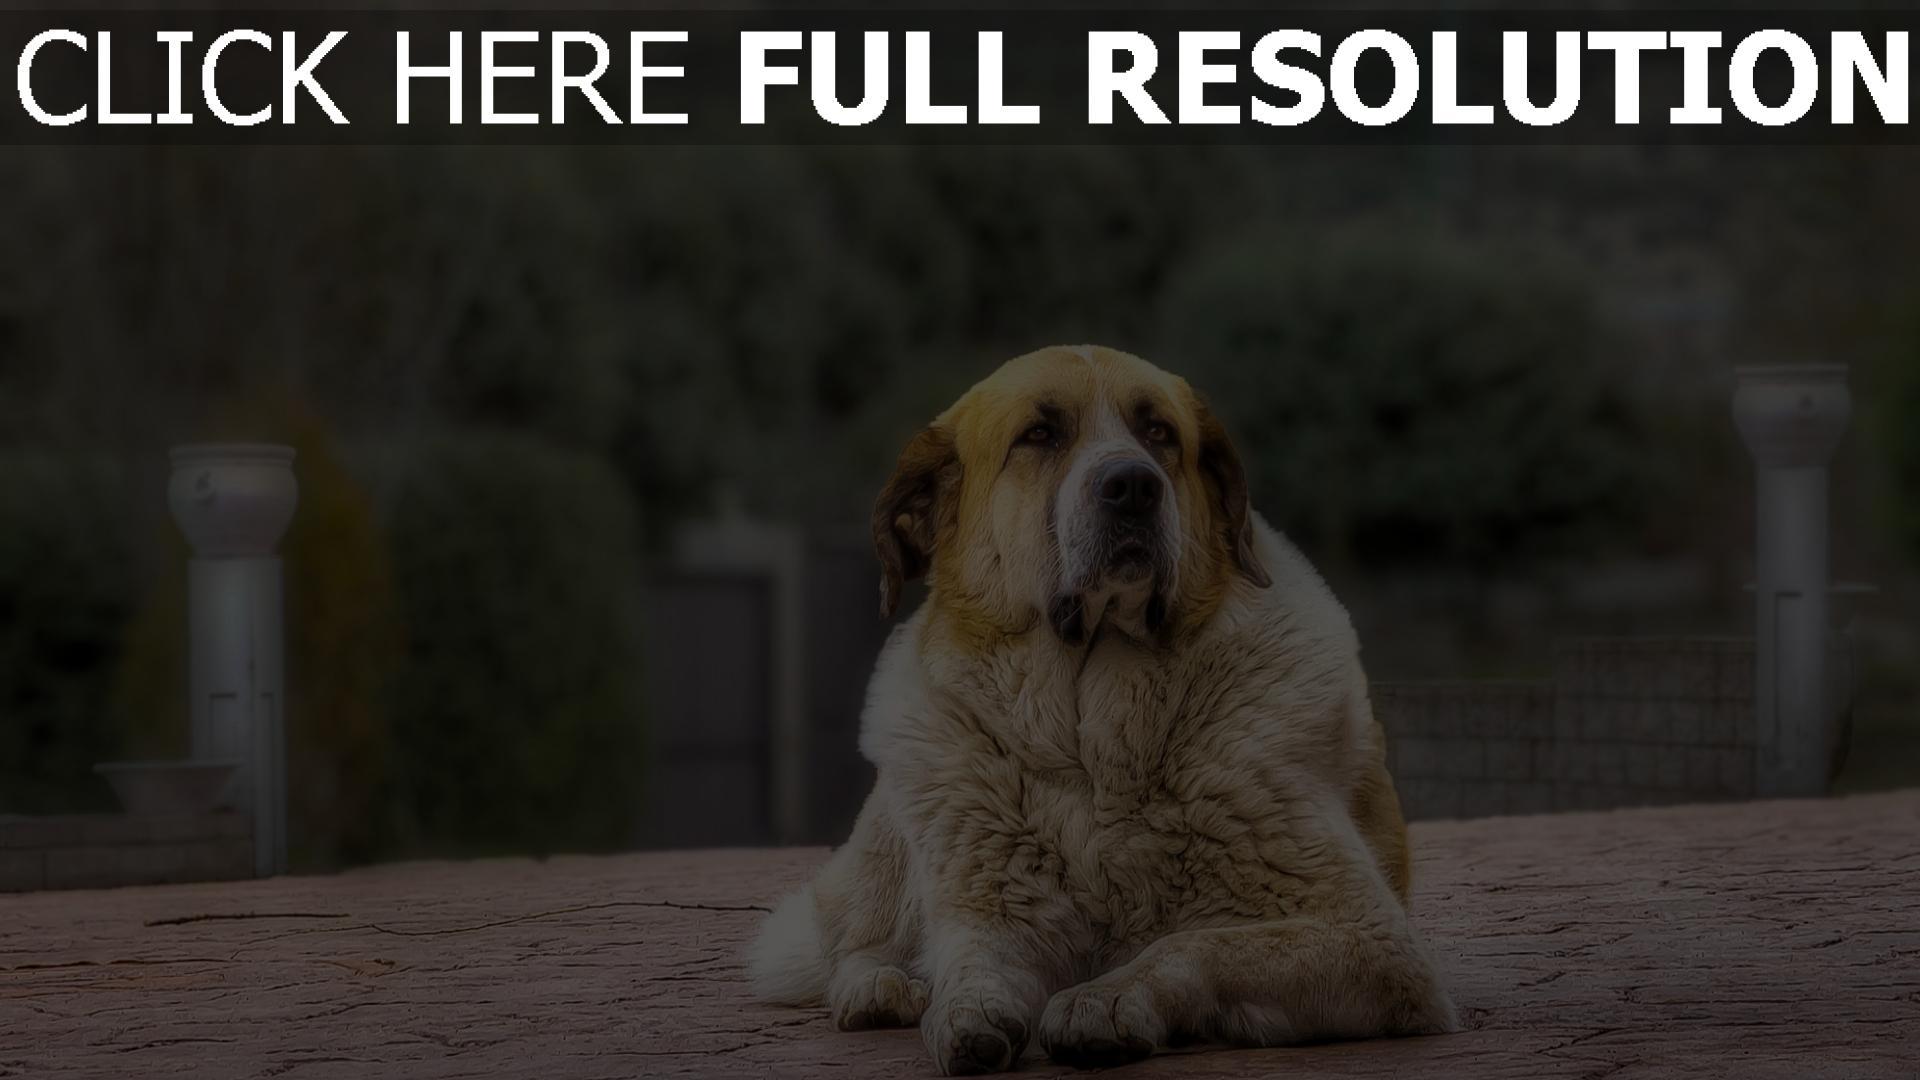 hd hintergrundbilder schäfer hund pelz liegend wartet 1920x1080